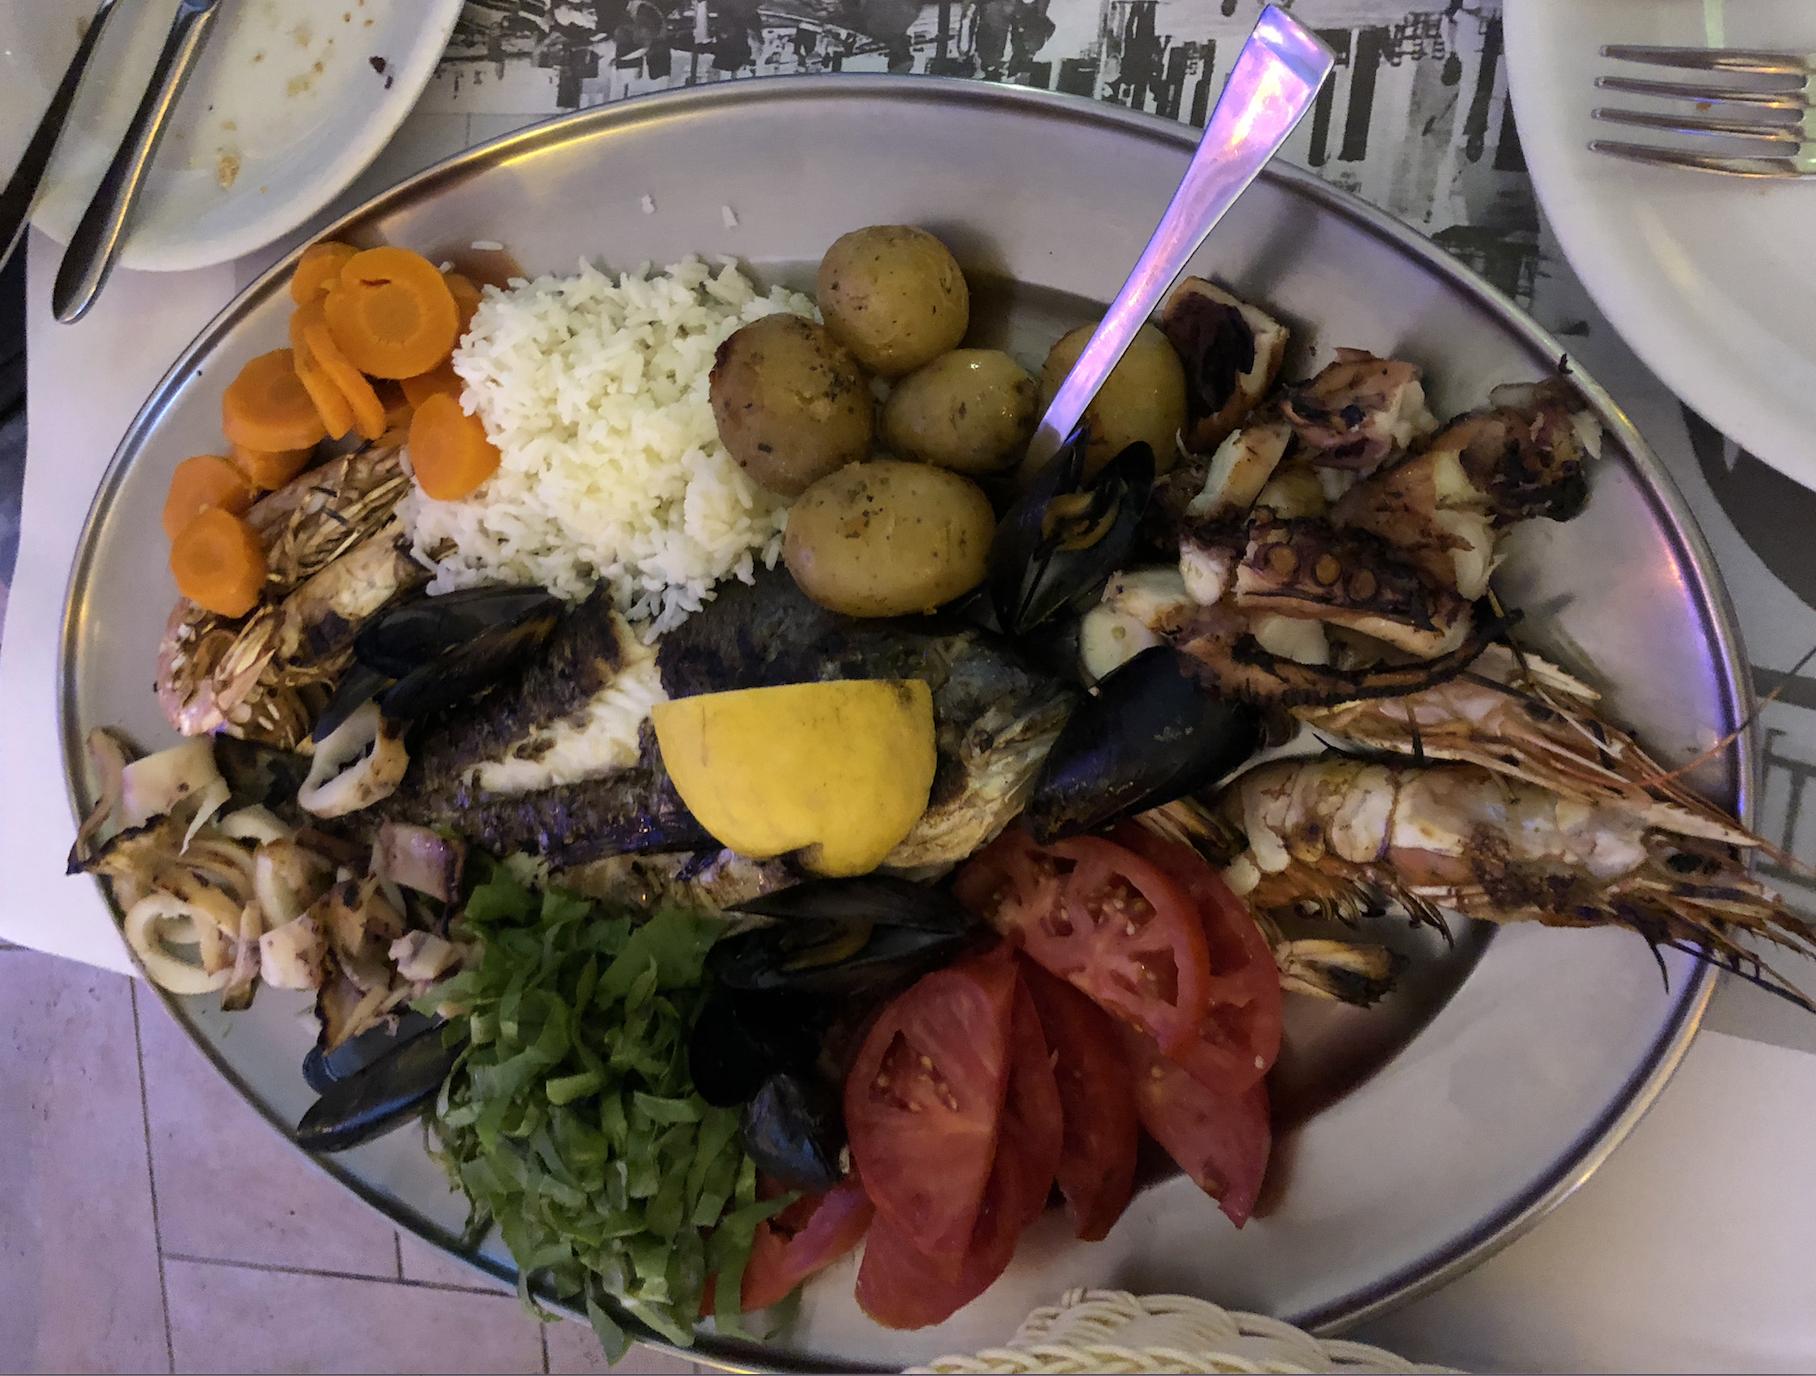 Seafood platter for 2 included sea bream, shrimp, grilled octopus, grilled shrimp.